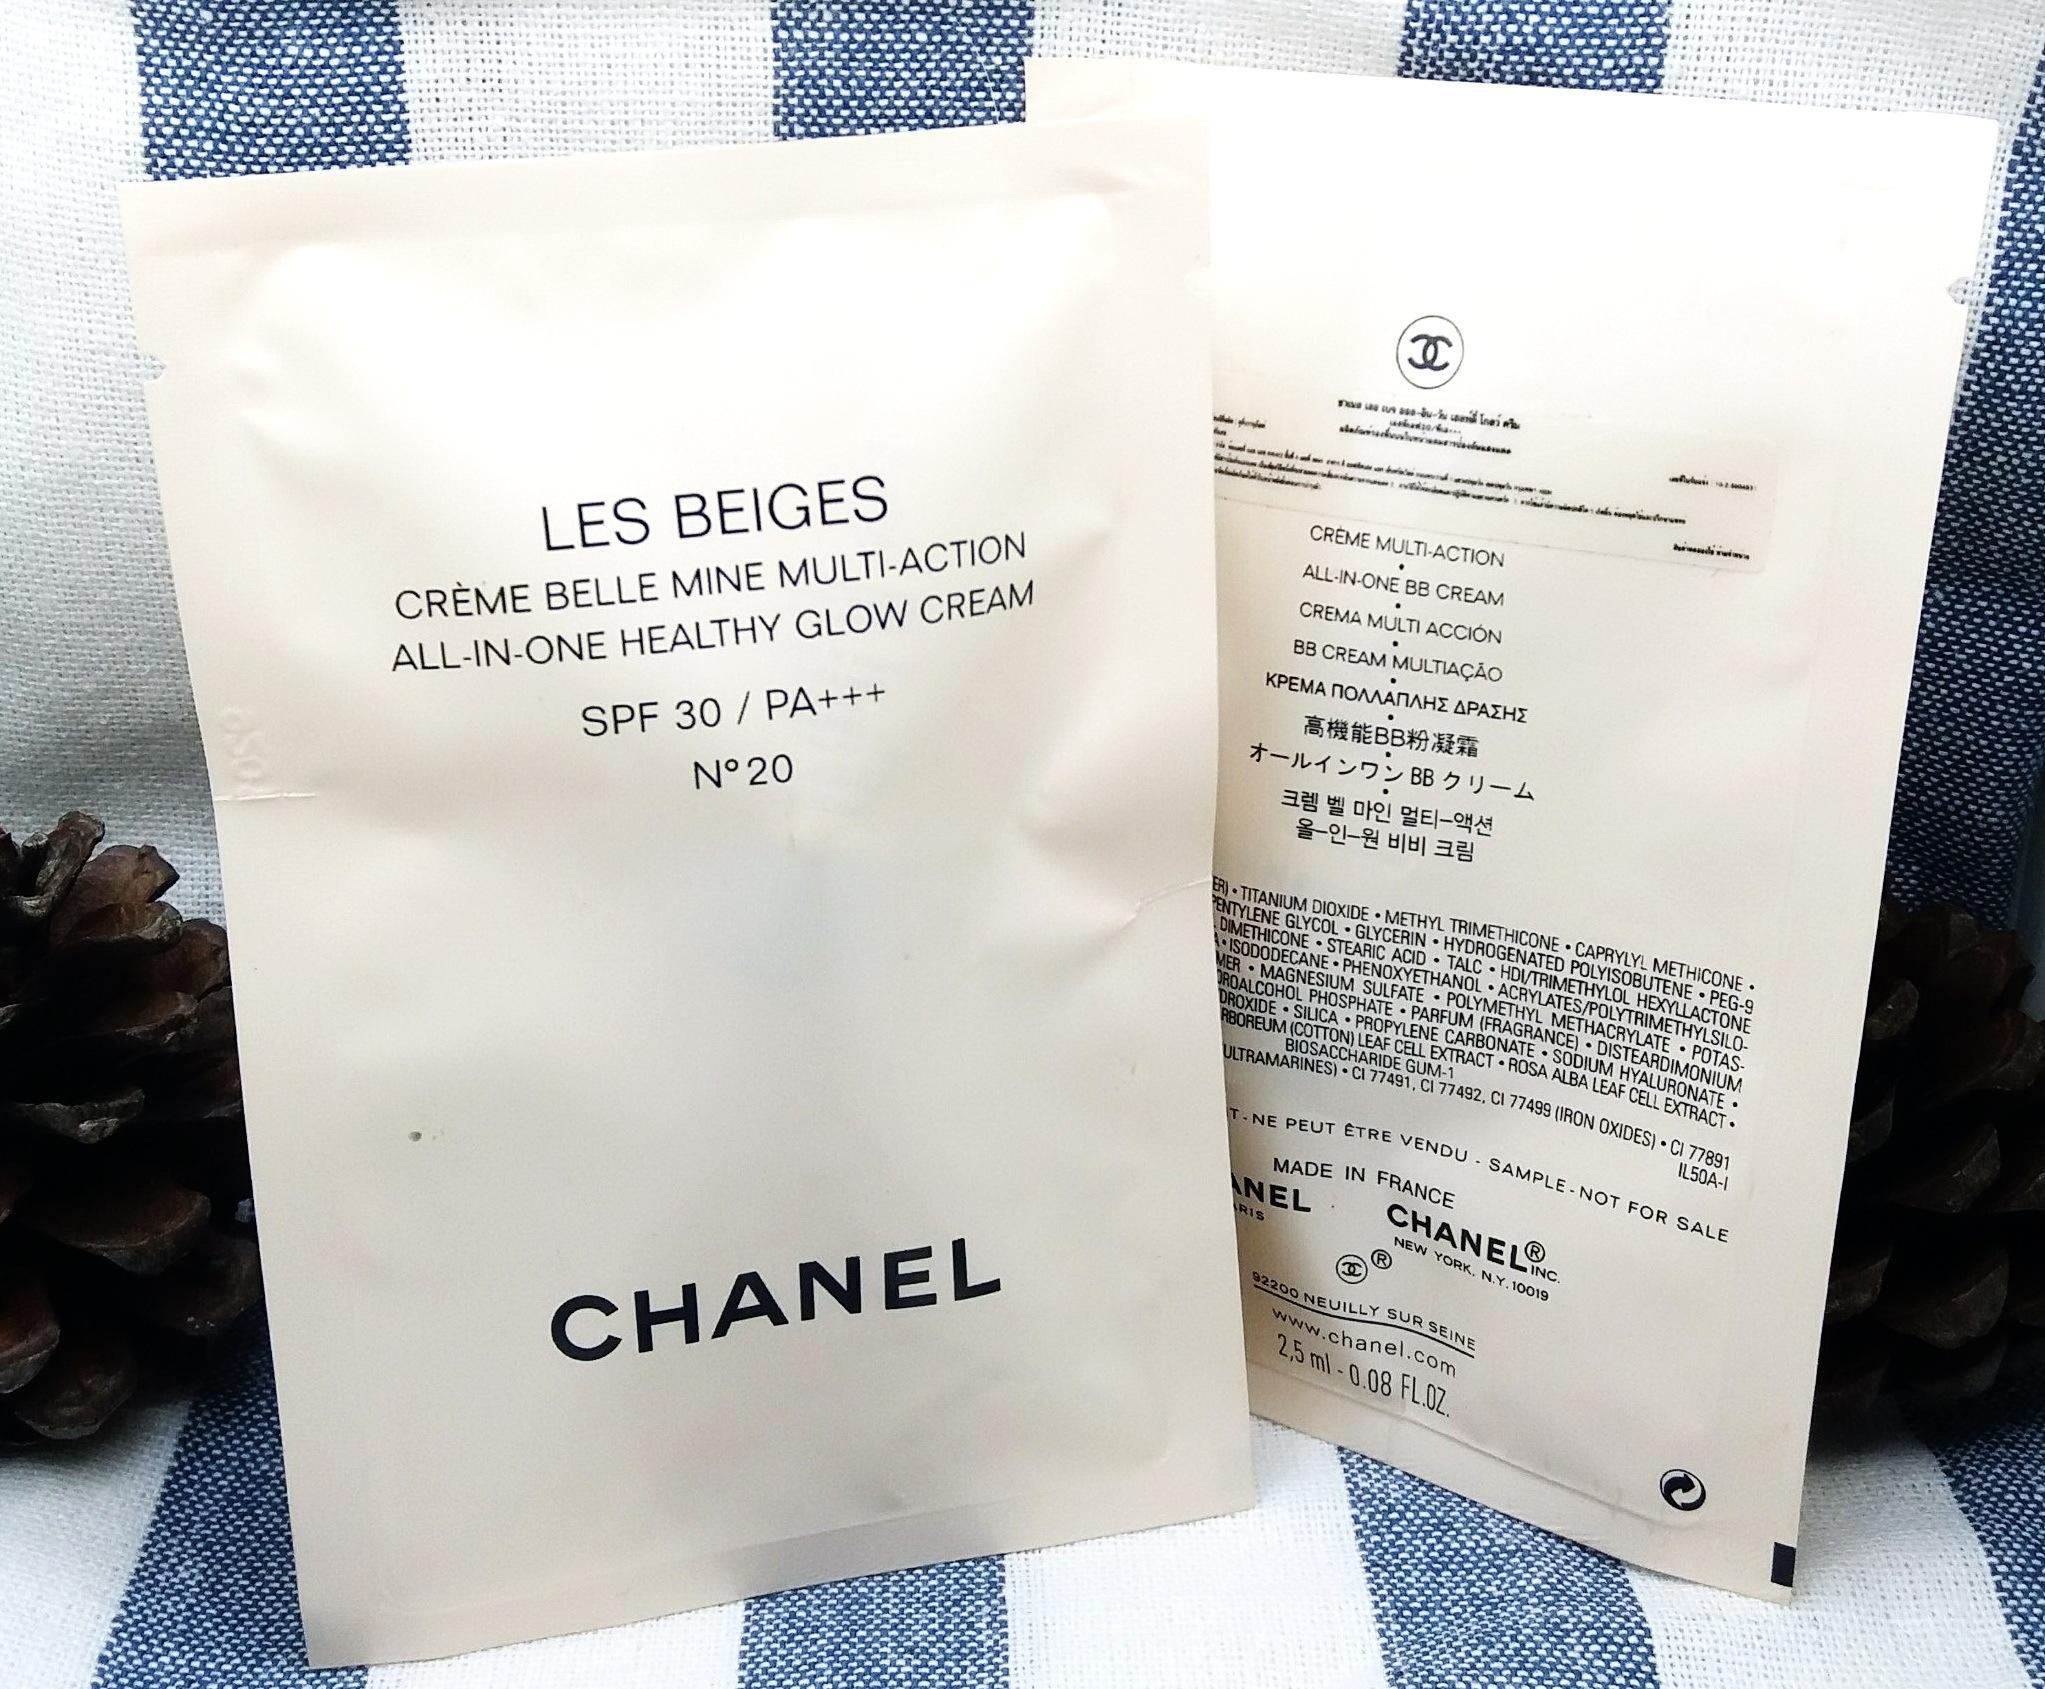 CHANEL Les Beiges All-in-one Healthy Glow Cream SPF30/PA+++ 2.5ml. สินค้าแท้ 100% #20 เฉดสีผิวขาวเหลือง ถึง ผิว 2 สี เปล่งประกายเป็นธรรมชาติ ผลิตภัณฑ์ที่เนื้อบางเบาแต่ให้การปกปิดแบบพอดีๆ ให้ผิวหน้าได้หายใจ ผิวโกลวๆนิดๆ เพราะนี่แหละ คือผิวของผู้หญิงยุคใหม่